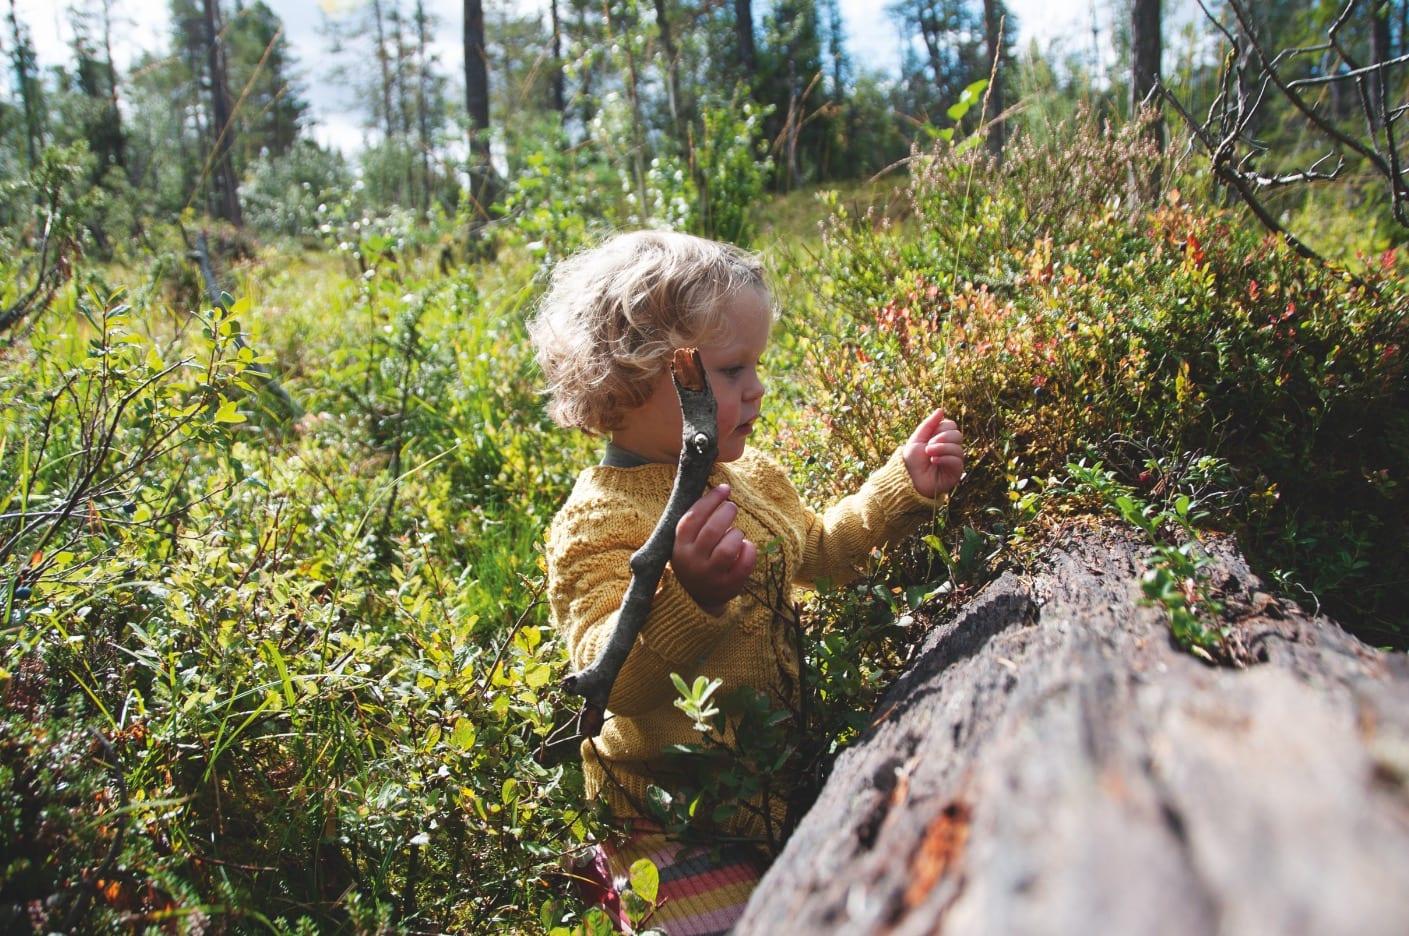 FISKING I VALDRES: Treåringen trenger verken fiskesnøre, fiskestang eller vann for å fiske. Foto: Gunhild Aaslie Soldal